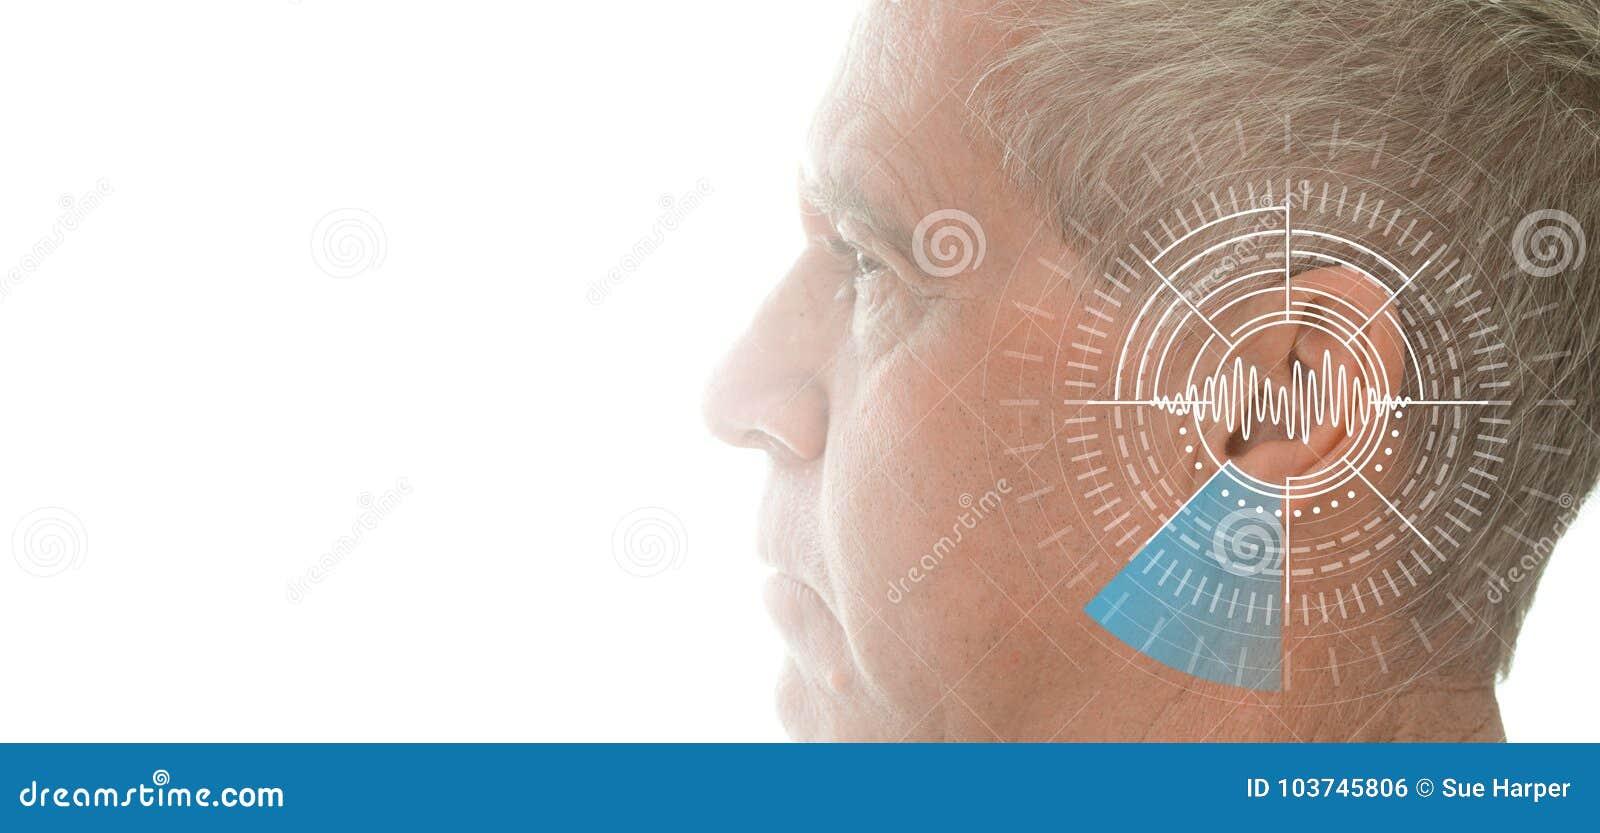 Испытание слуха показывая ухо старшего человека с технологией имитации звуковых войн